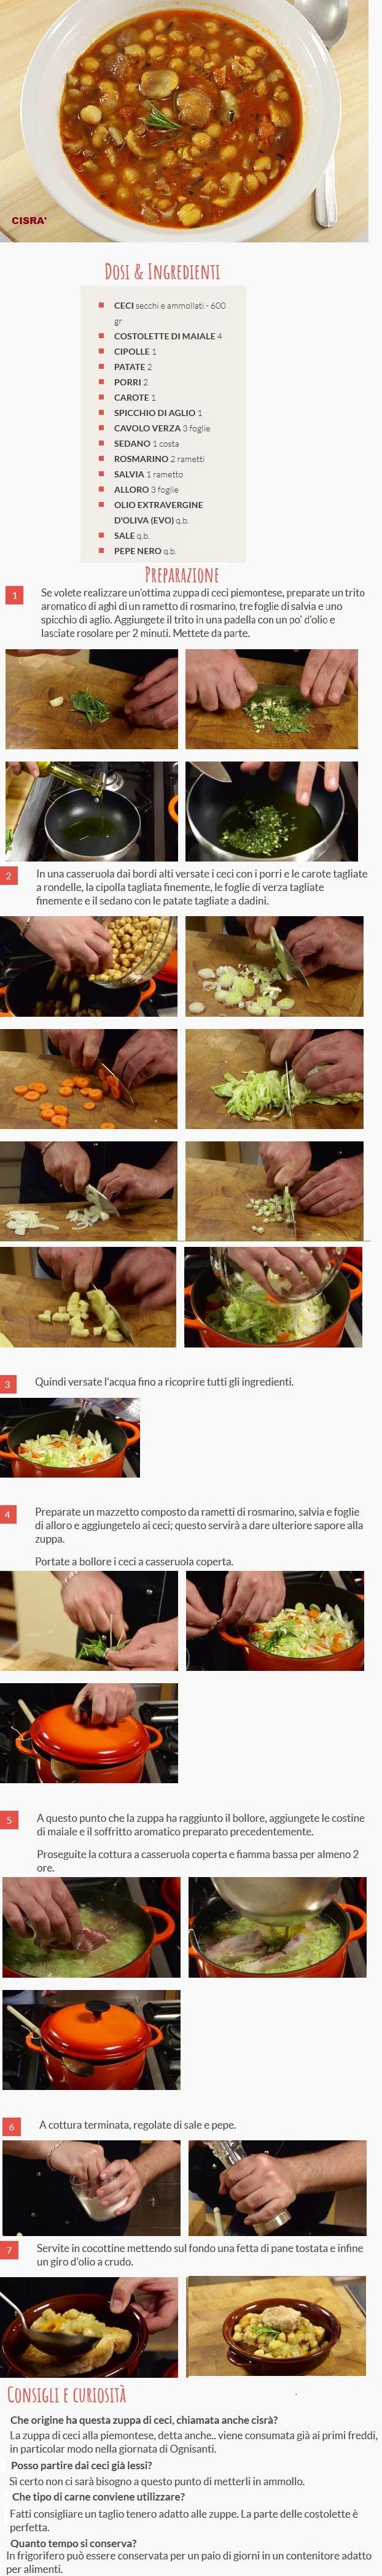 Cucina regionale - Pagina 2 Cisra10